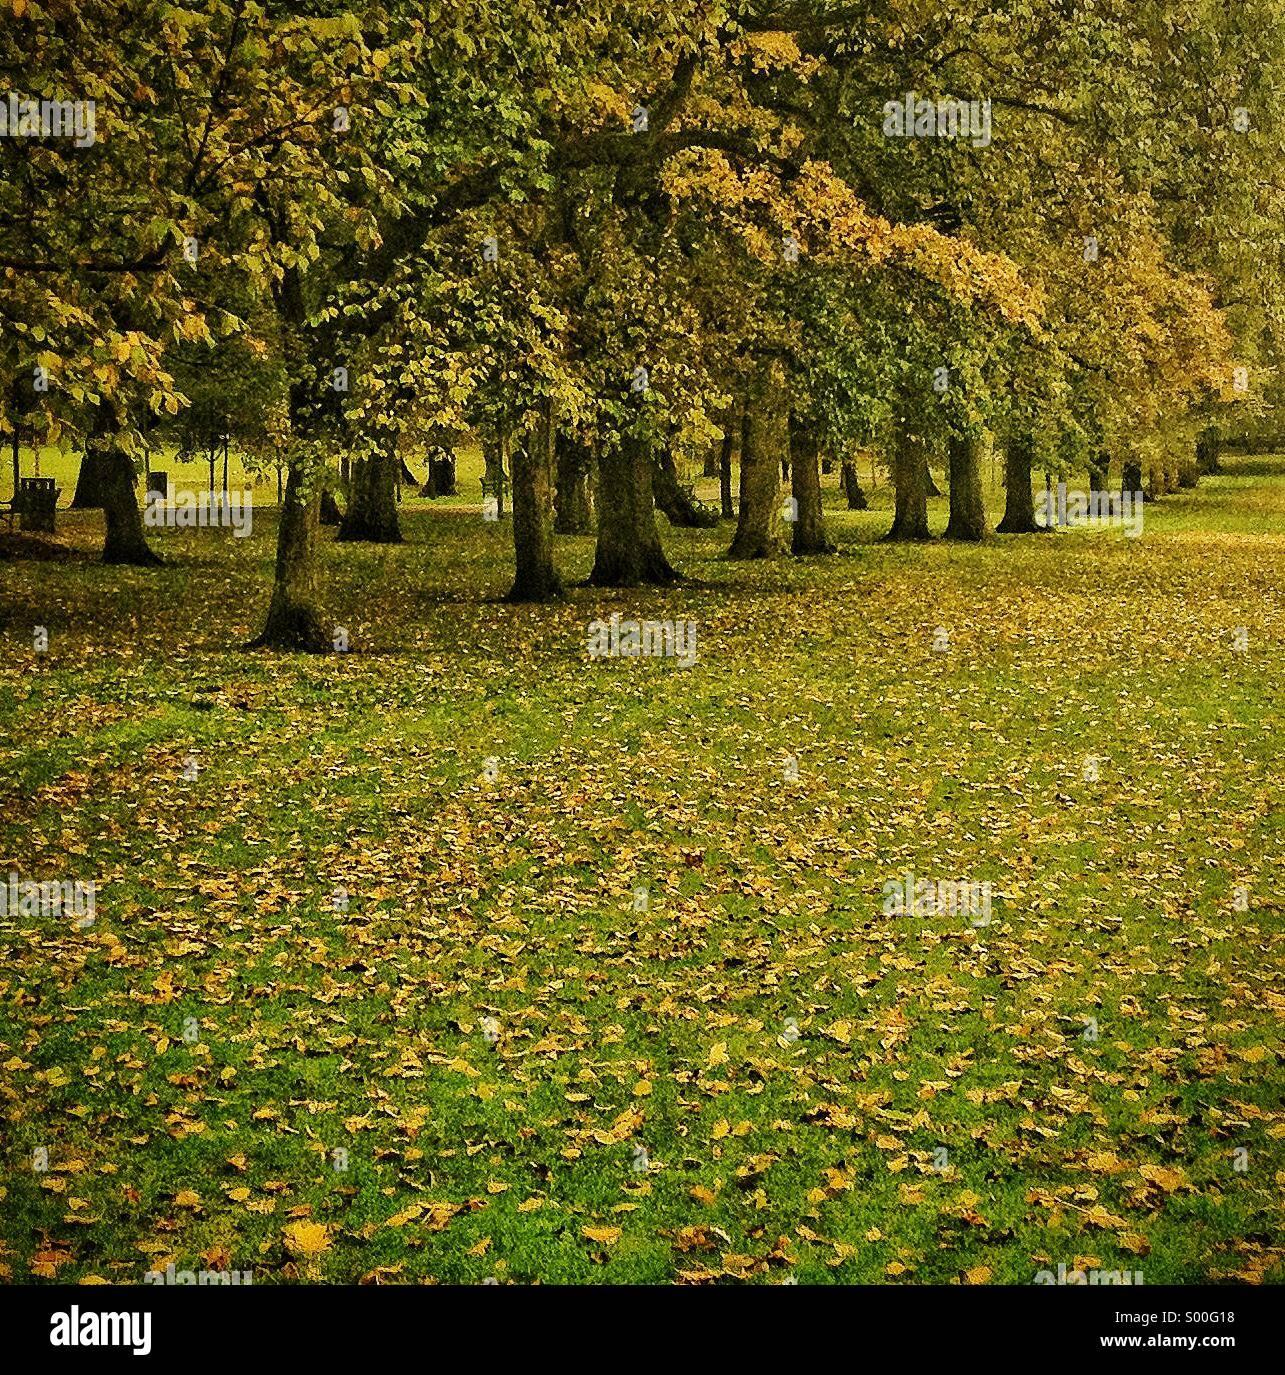 Chemin bordé d'arbres en automne, Édimbourg, Royaume-Uni Banque D'Images